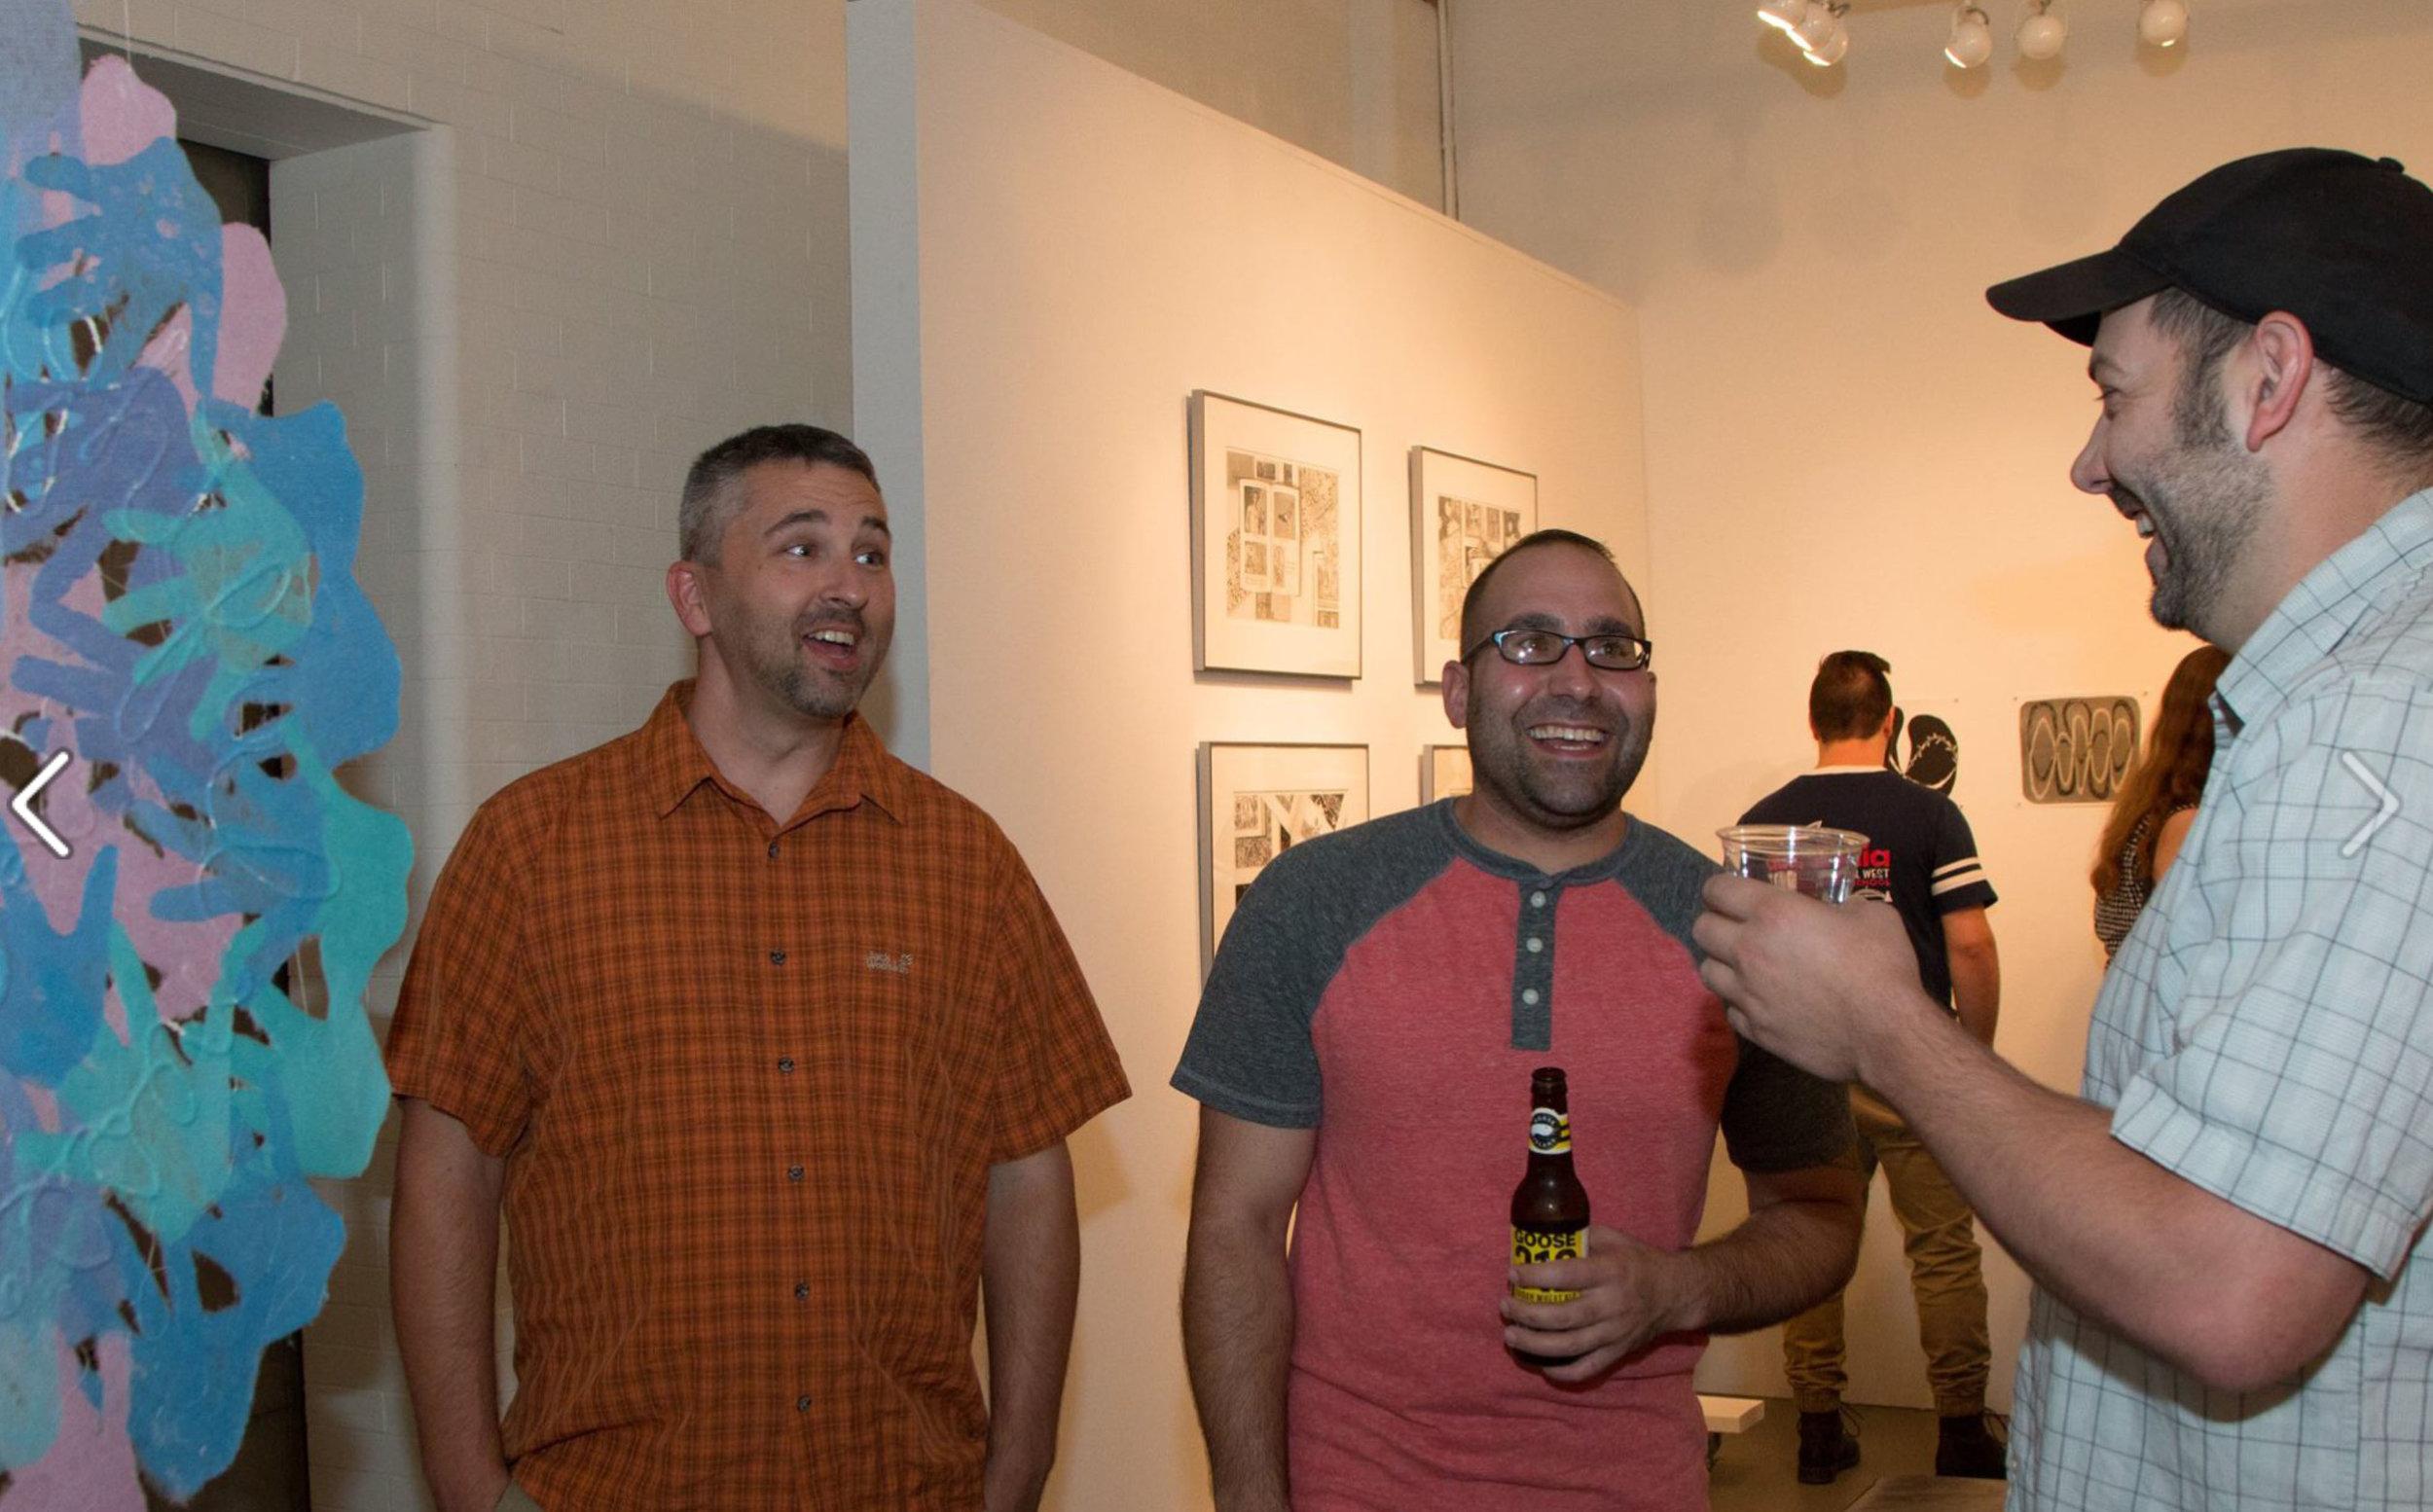 Billy, George Barecca, and Jeremy Langston. Photo Courtesy: Justine Kaszynski Photography